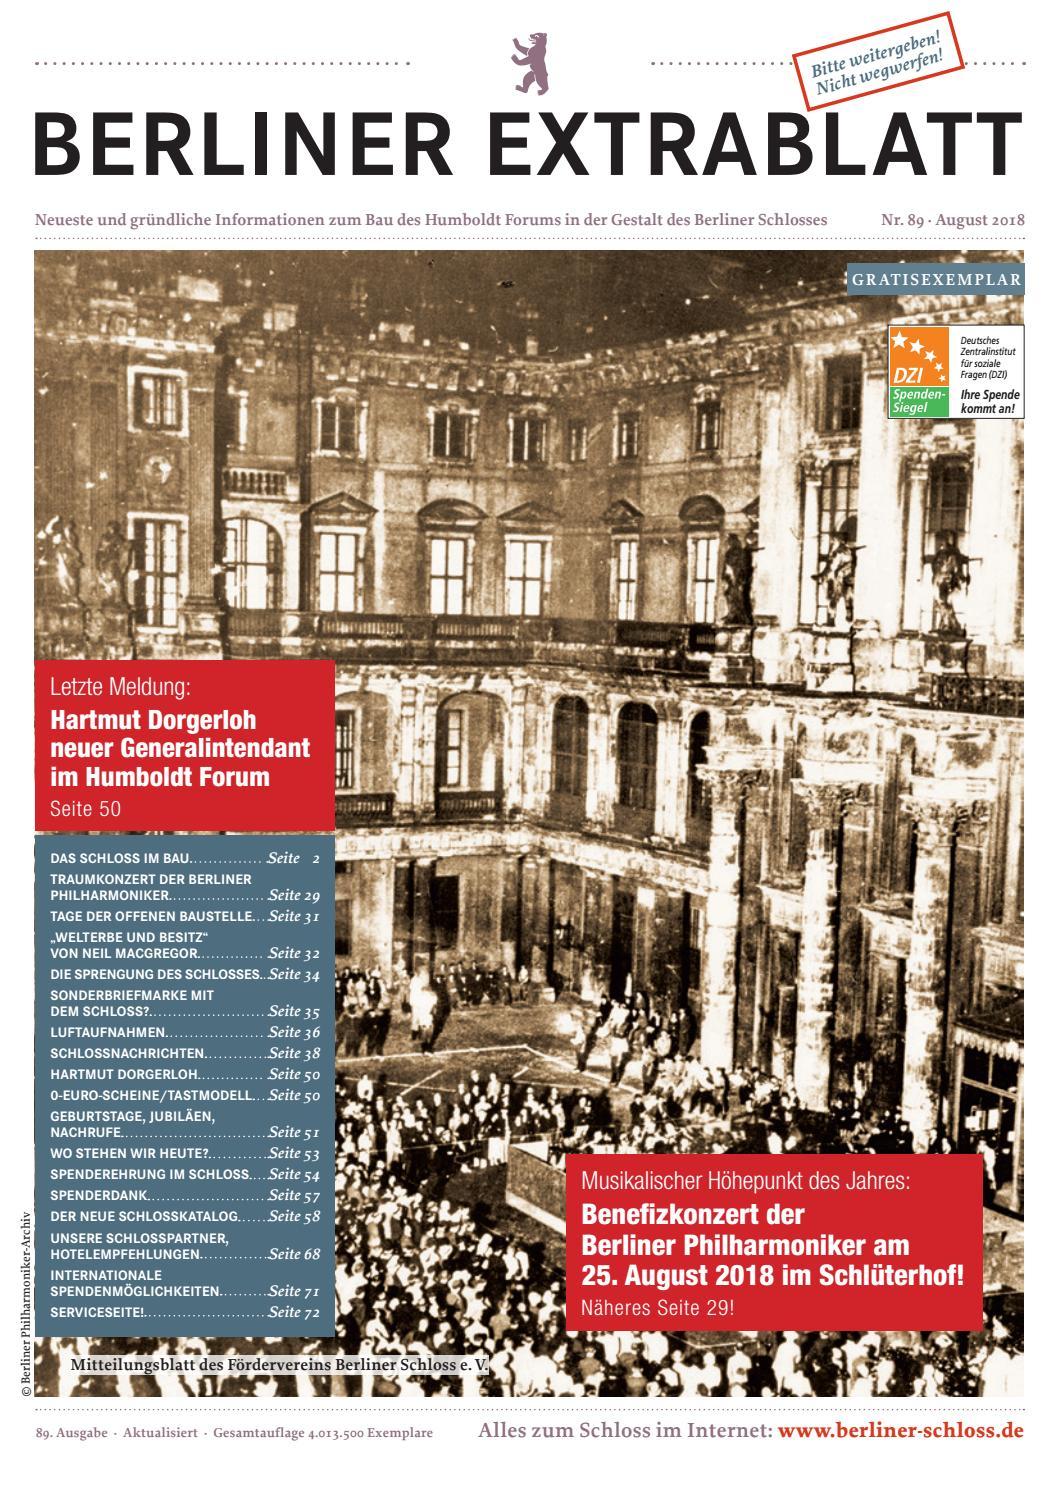 Berliner Extrablatt Ausgabe 89 By Förderverein Berliner Schloss   Issuu